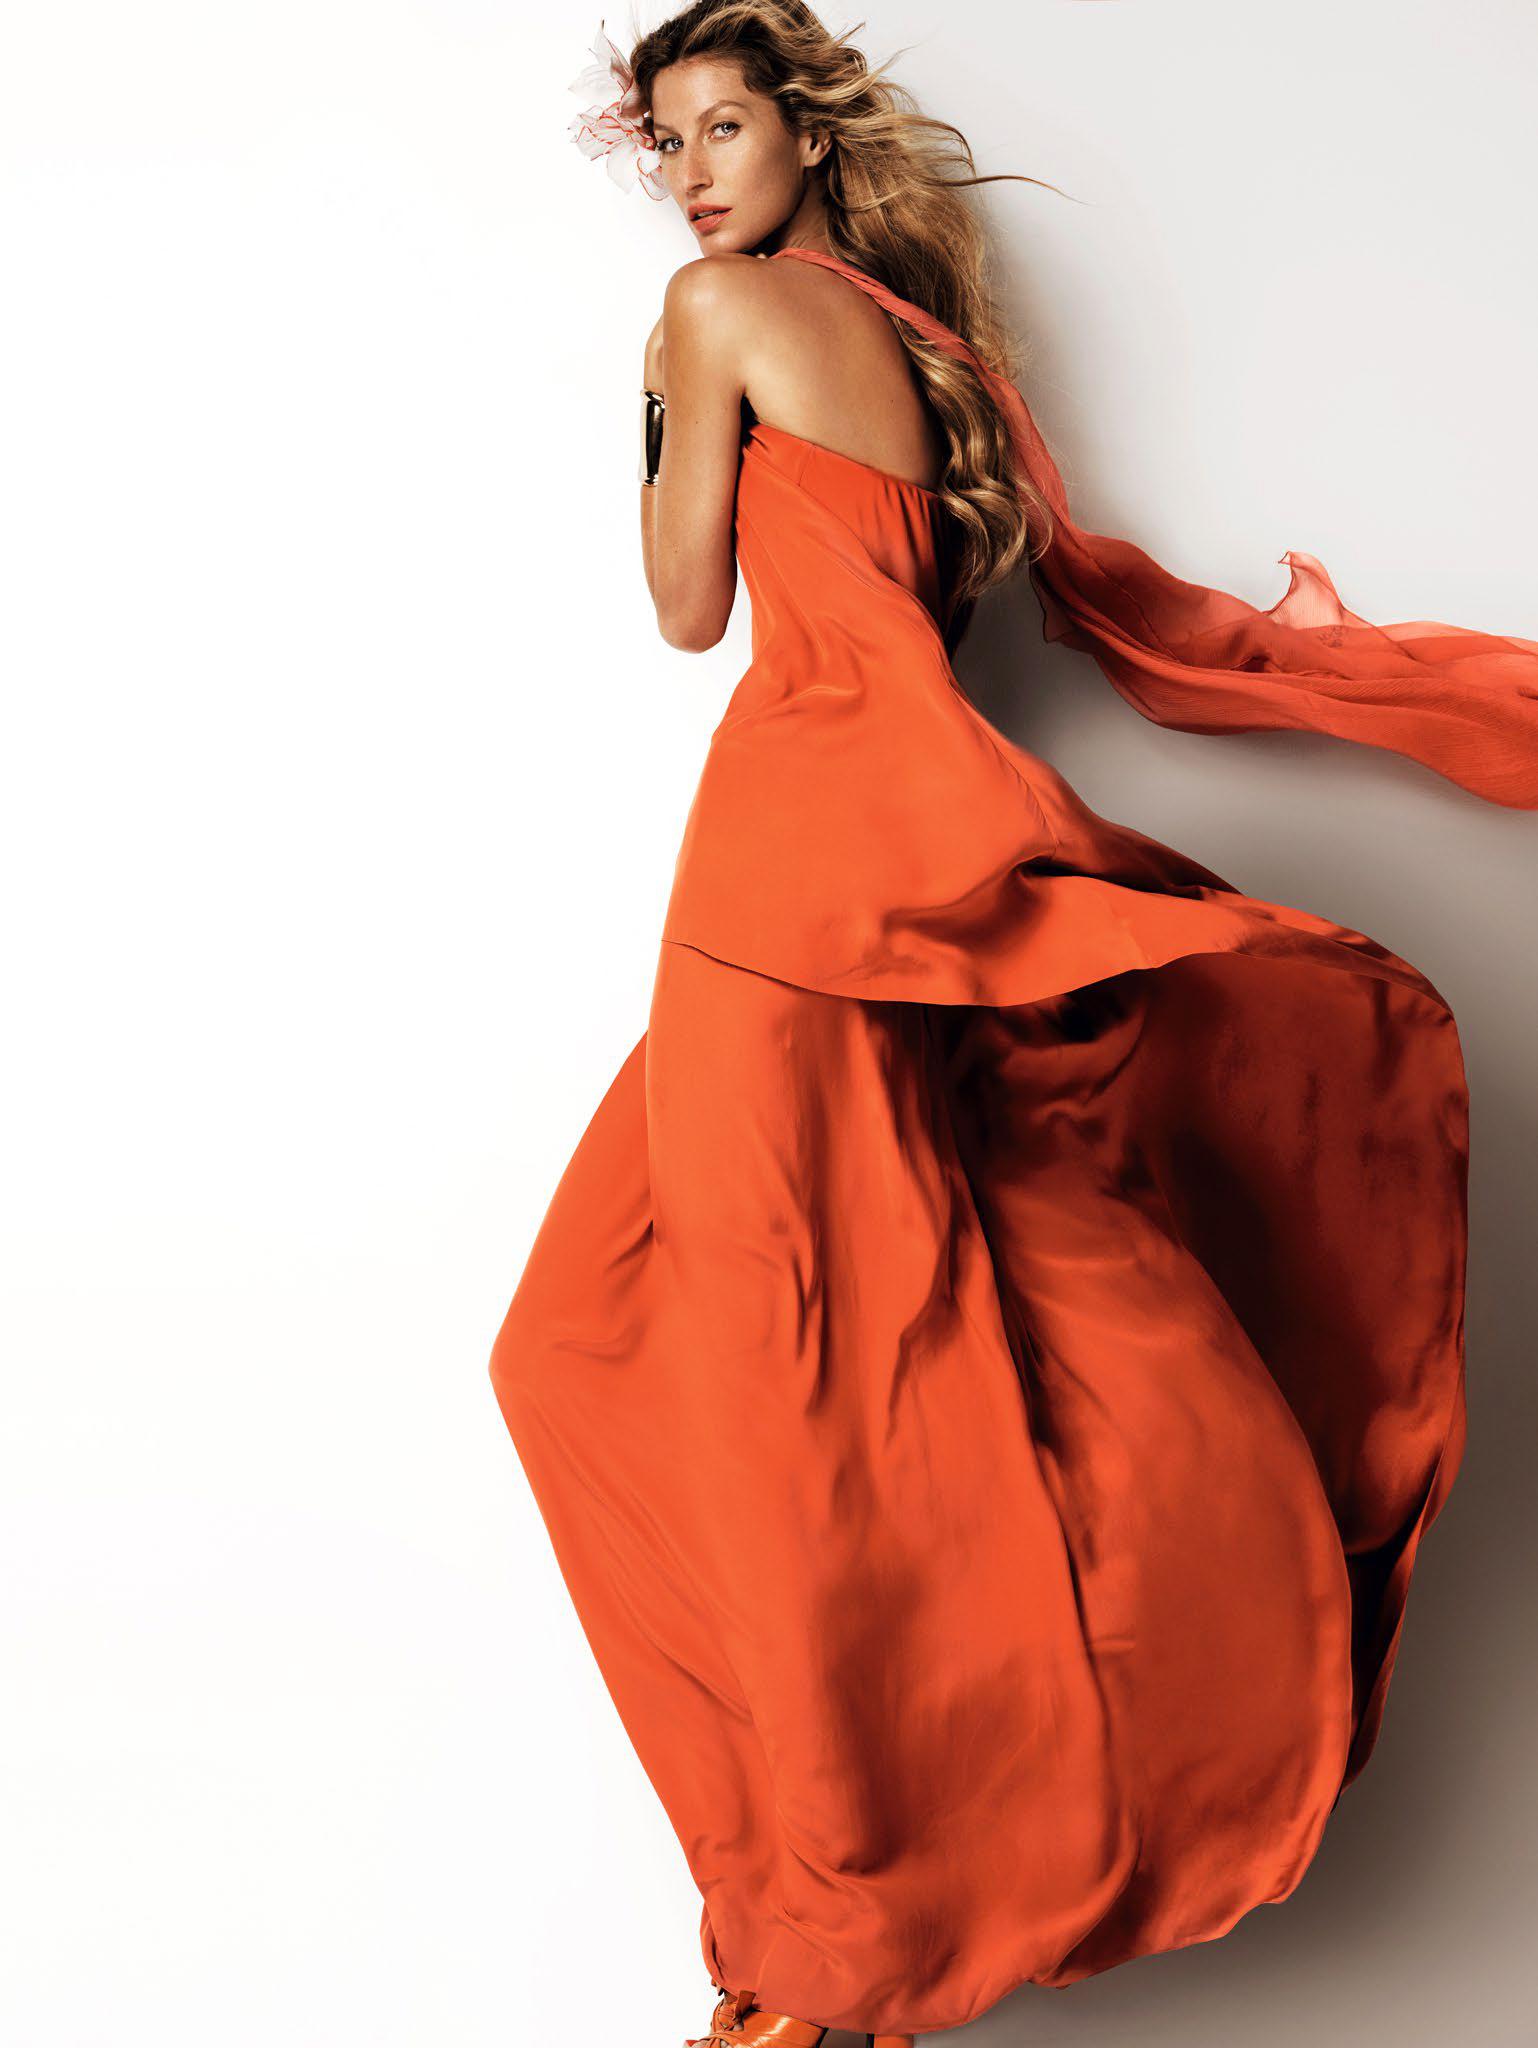 Photo: Vogue China May 2015